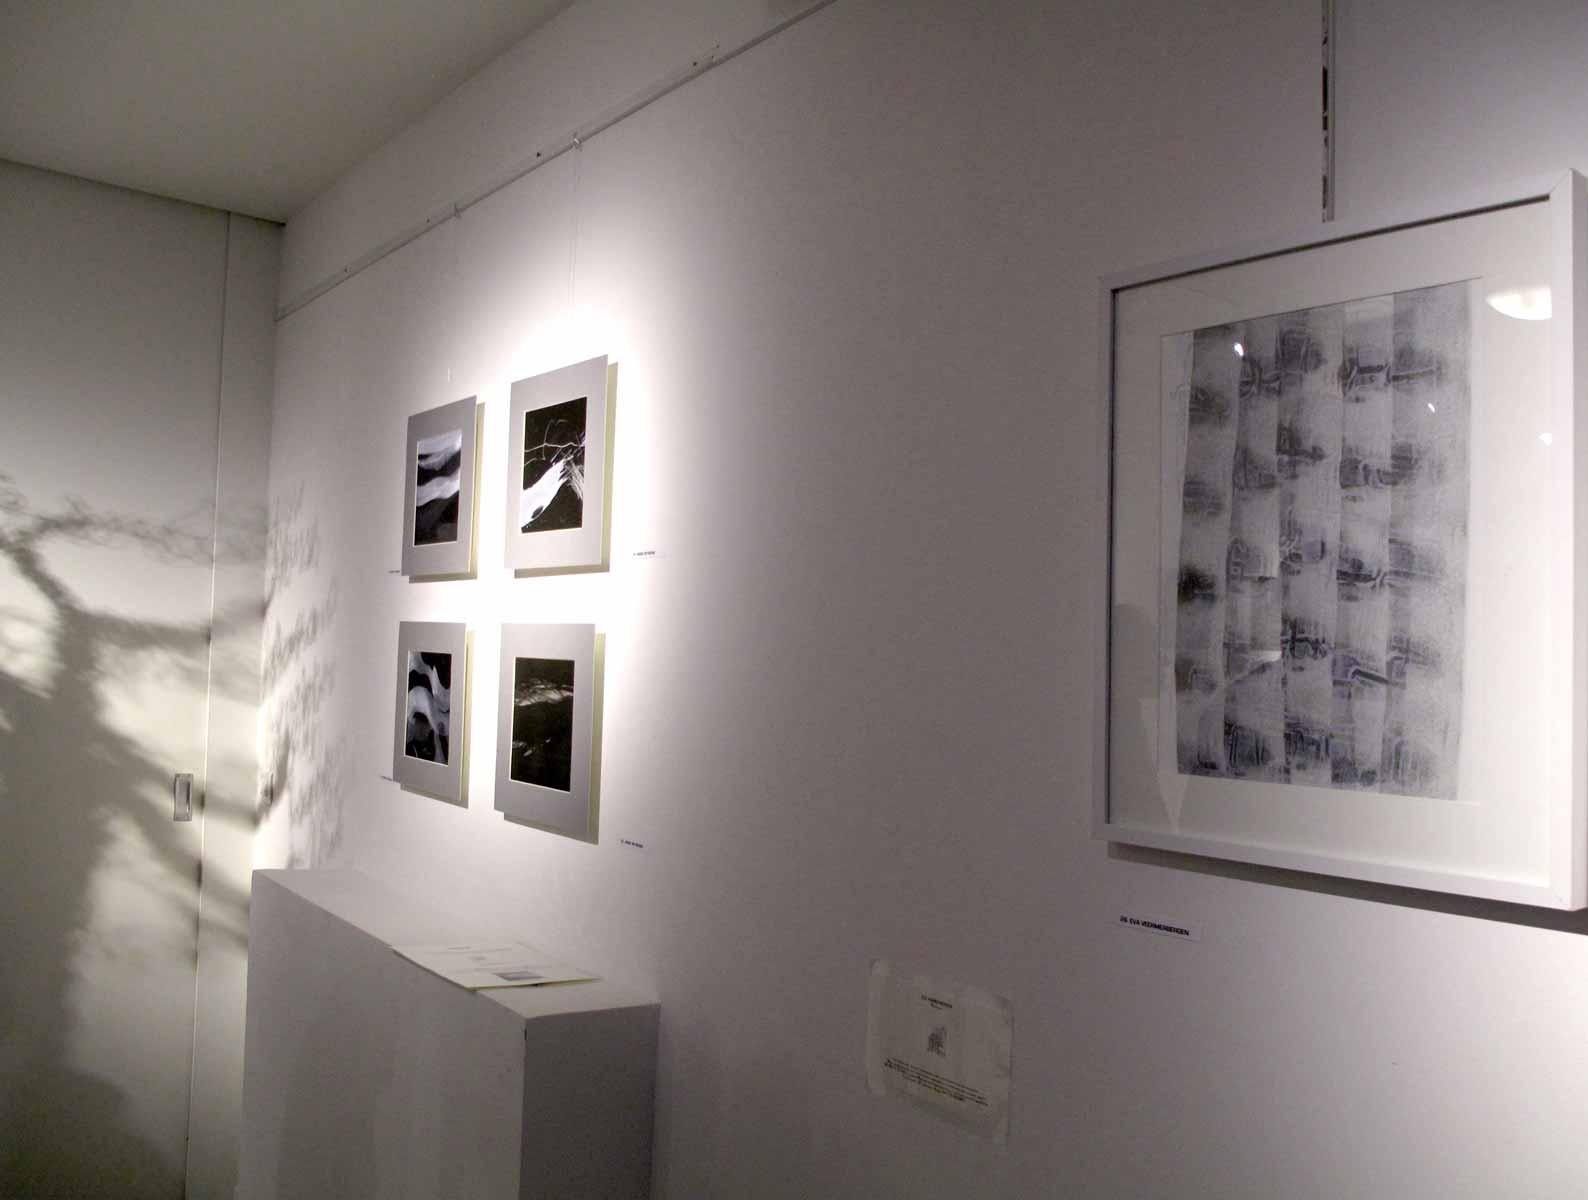 Exposition à l'espace Vaucluse, Avignon 15